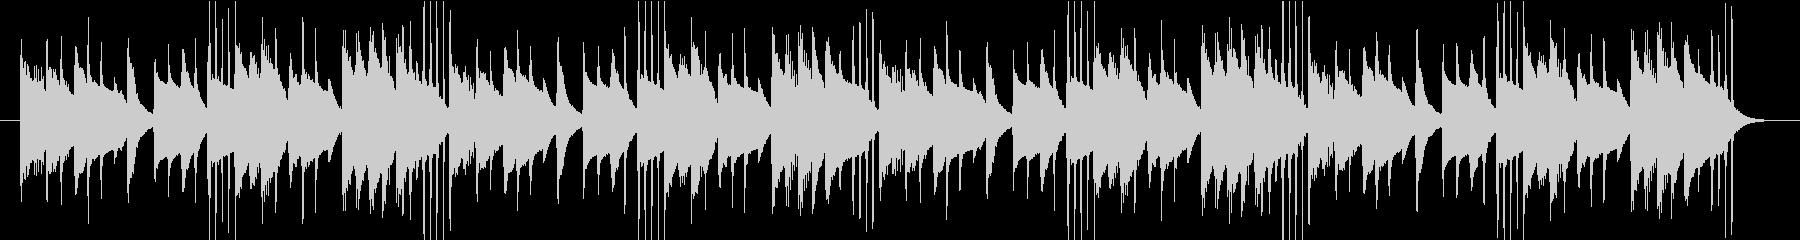 コミカルでユニークなBGMイヤーキャッチの未再生の波形